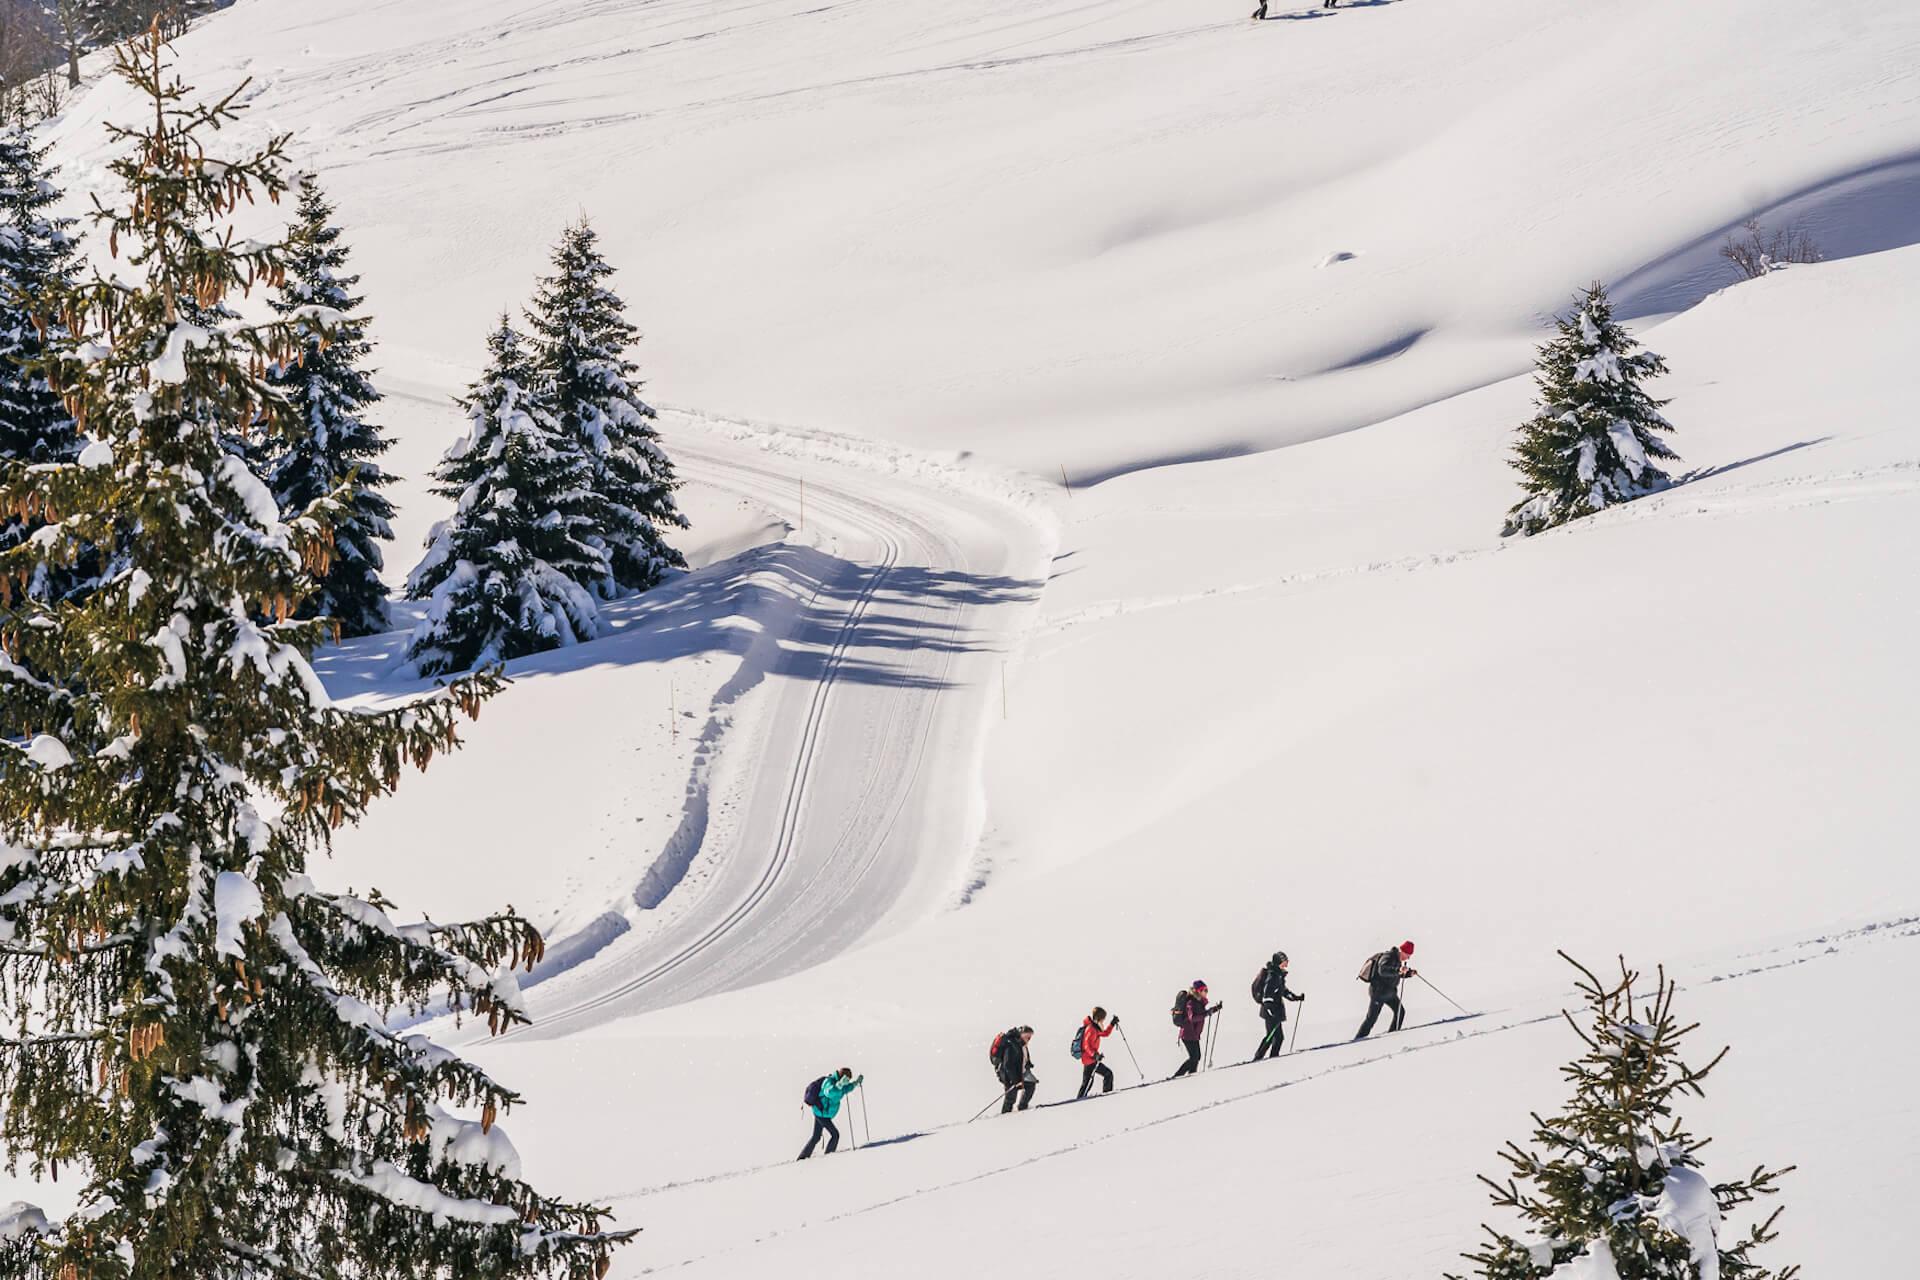 Personnes faisant du ski de randonnée à côté d'une piste